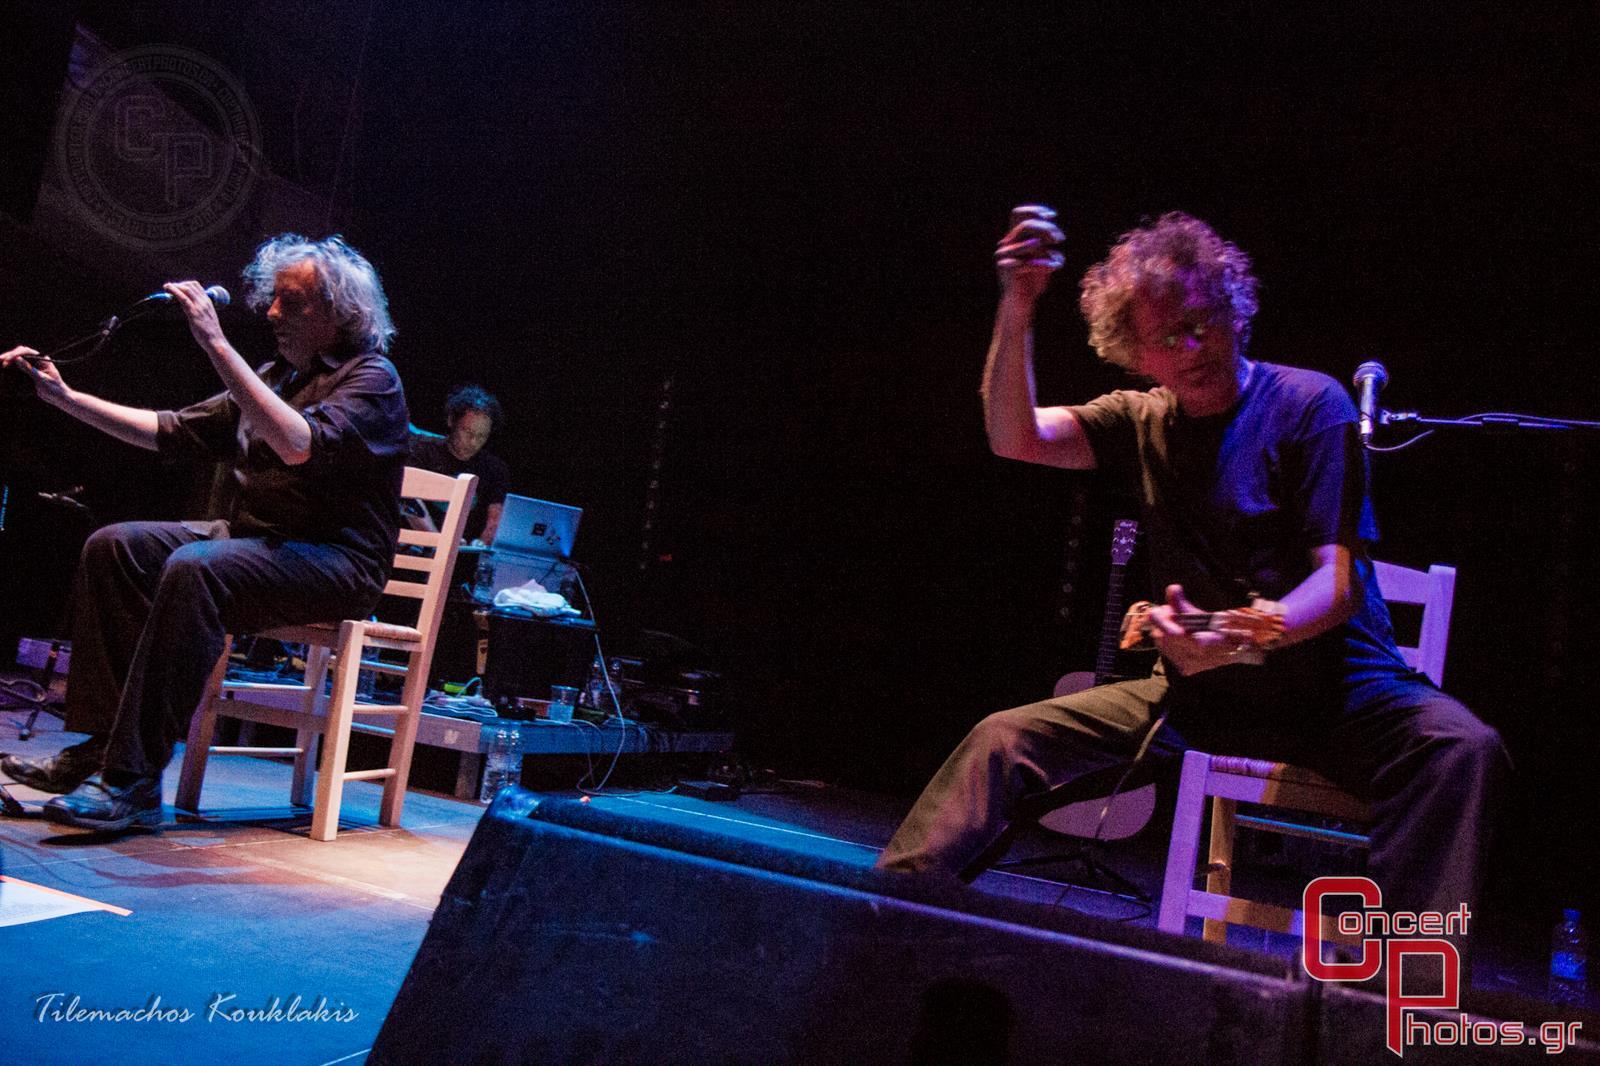 Γιάννης Αγγελάκας - Σύννεφα με Παντελόνια-Aggelakas-2 photographer:  - concertphotos_-1405152969